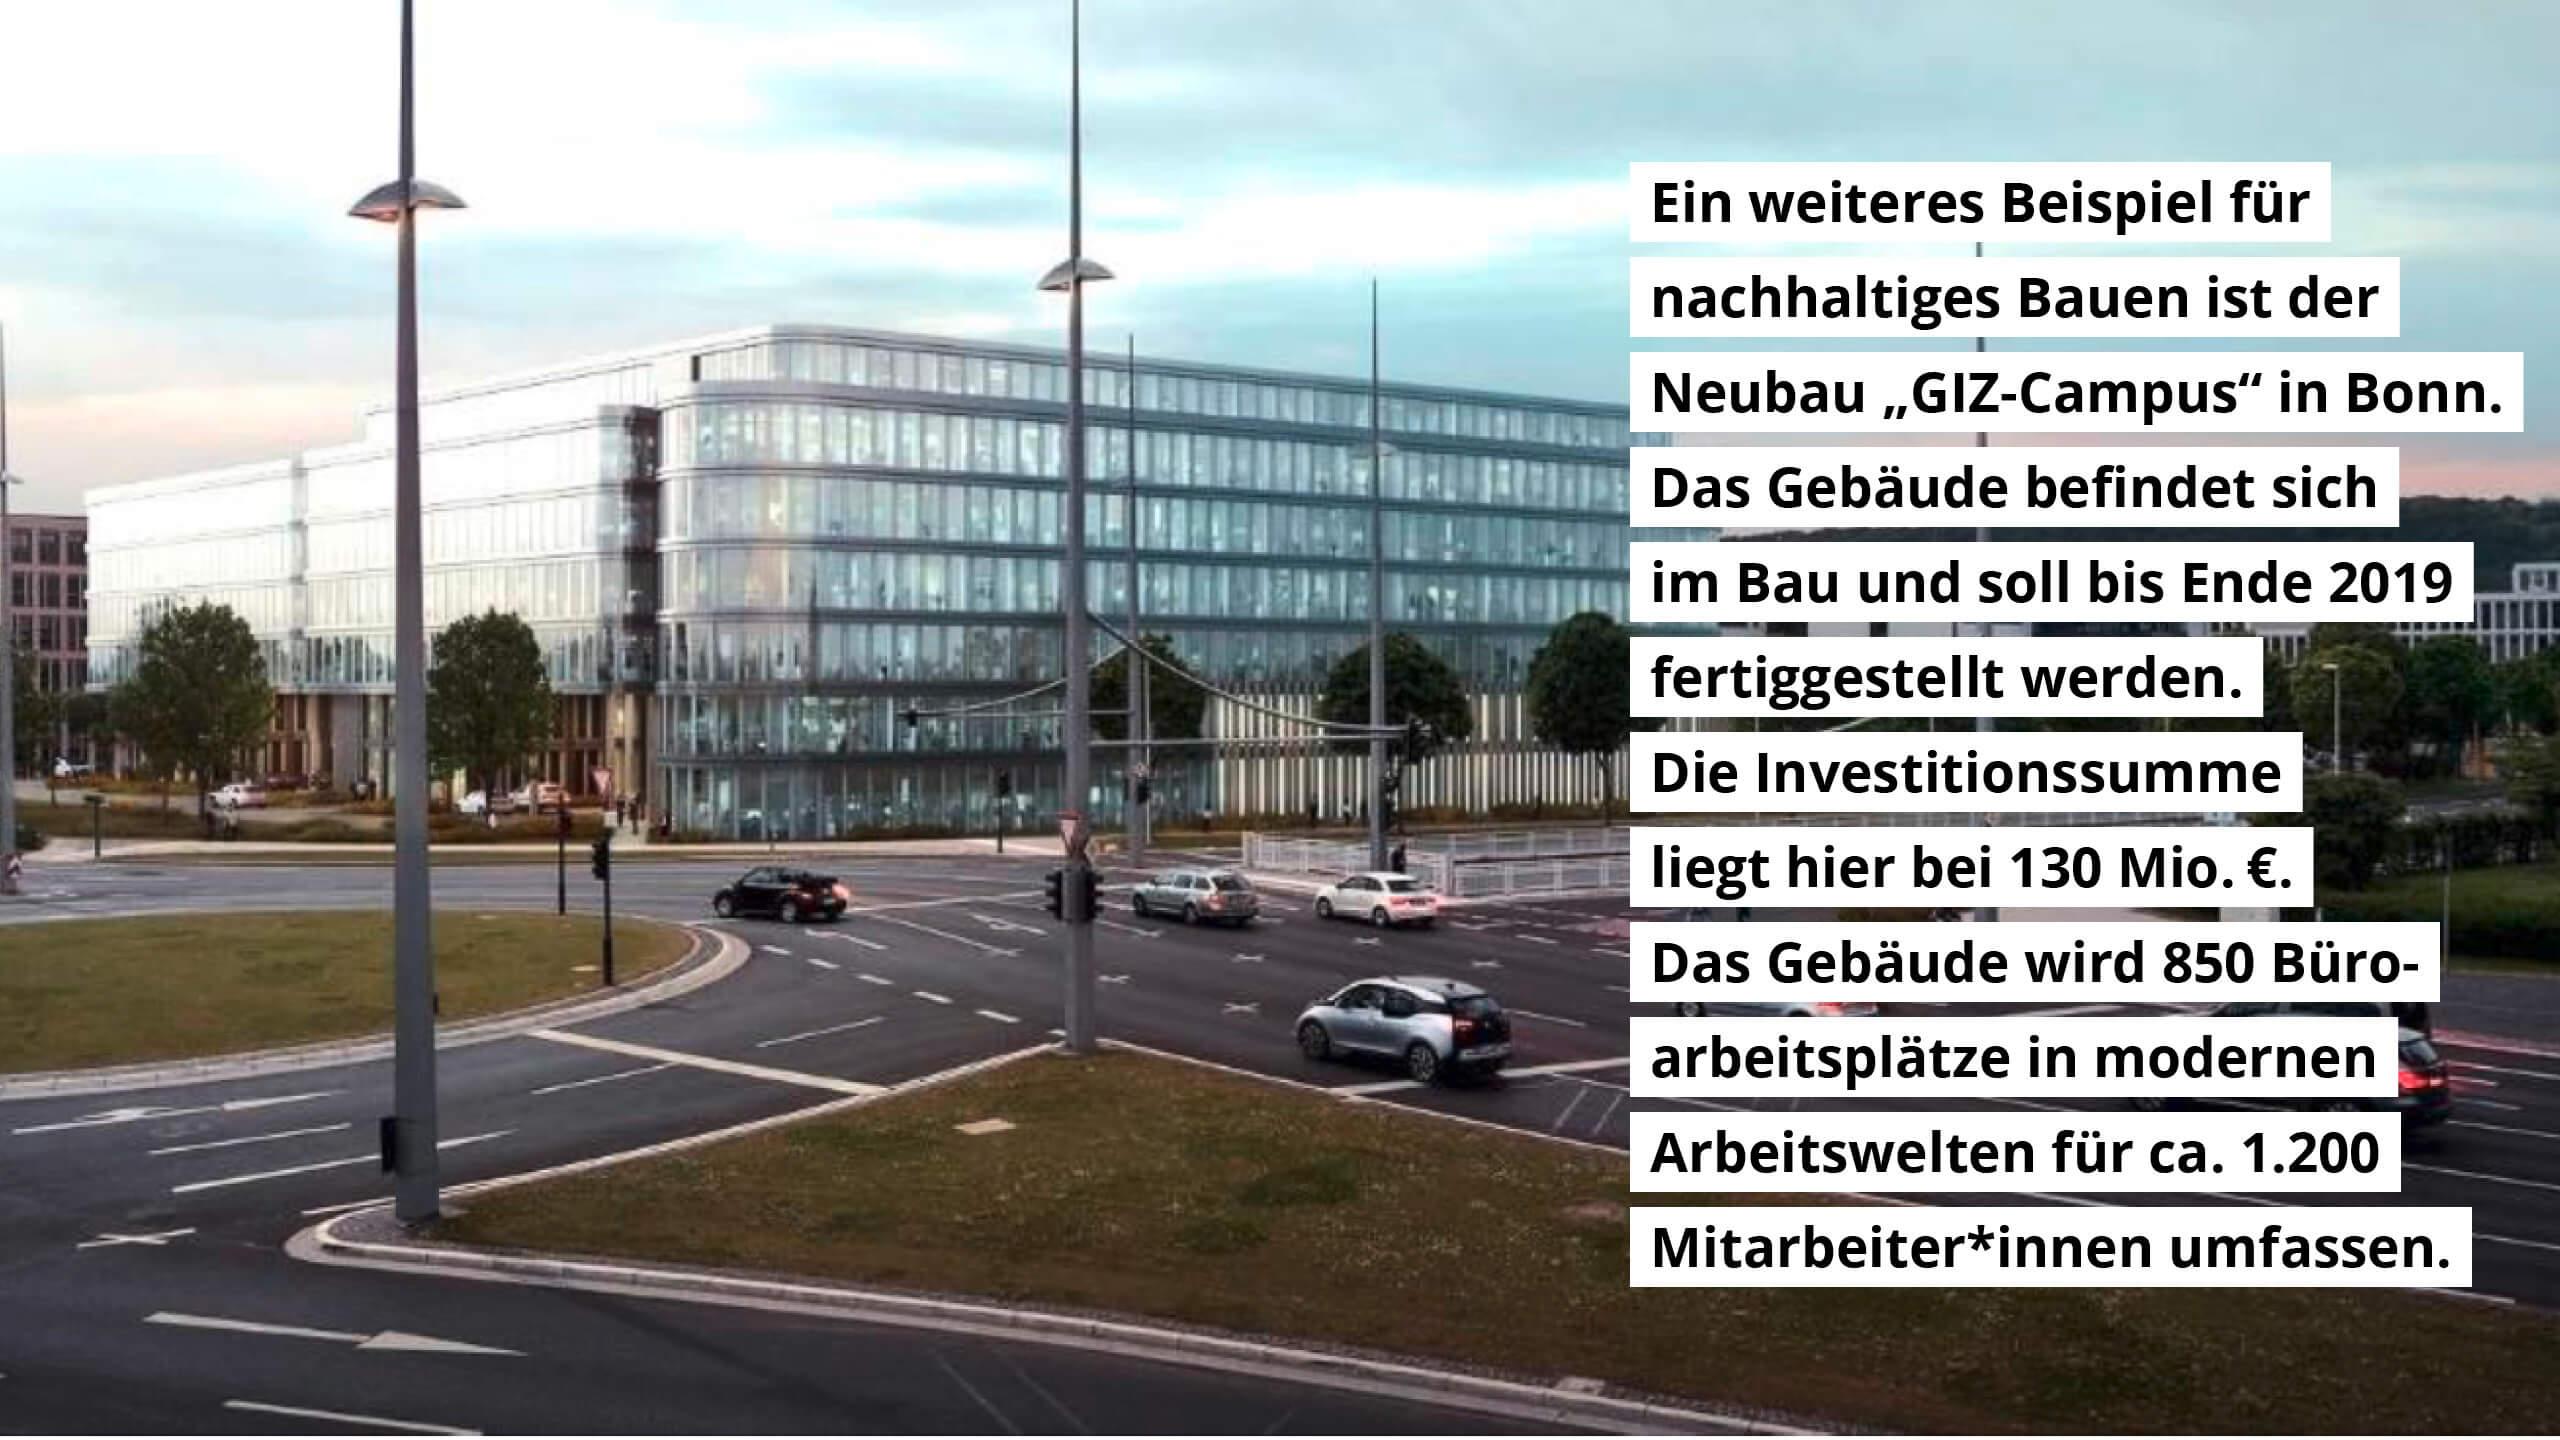 Der GIZ-Campus in Bonn soll bis Ende 2019 fertiggestellt werden. Die Investitionssumme liegt bei 130 Mio. EUR. Das Gebäude wird 850 Büroarbeitsplätze für 1200 Mitarbeiter umfassen.